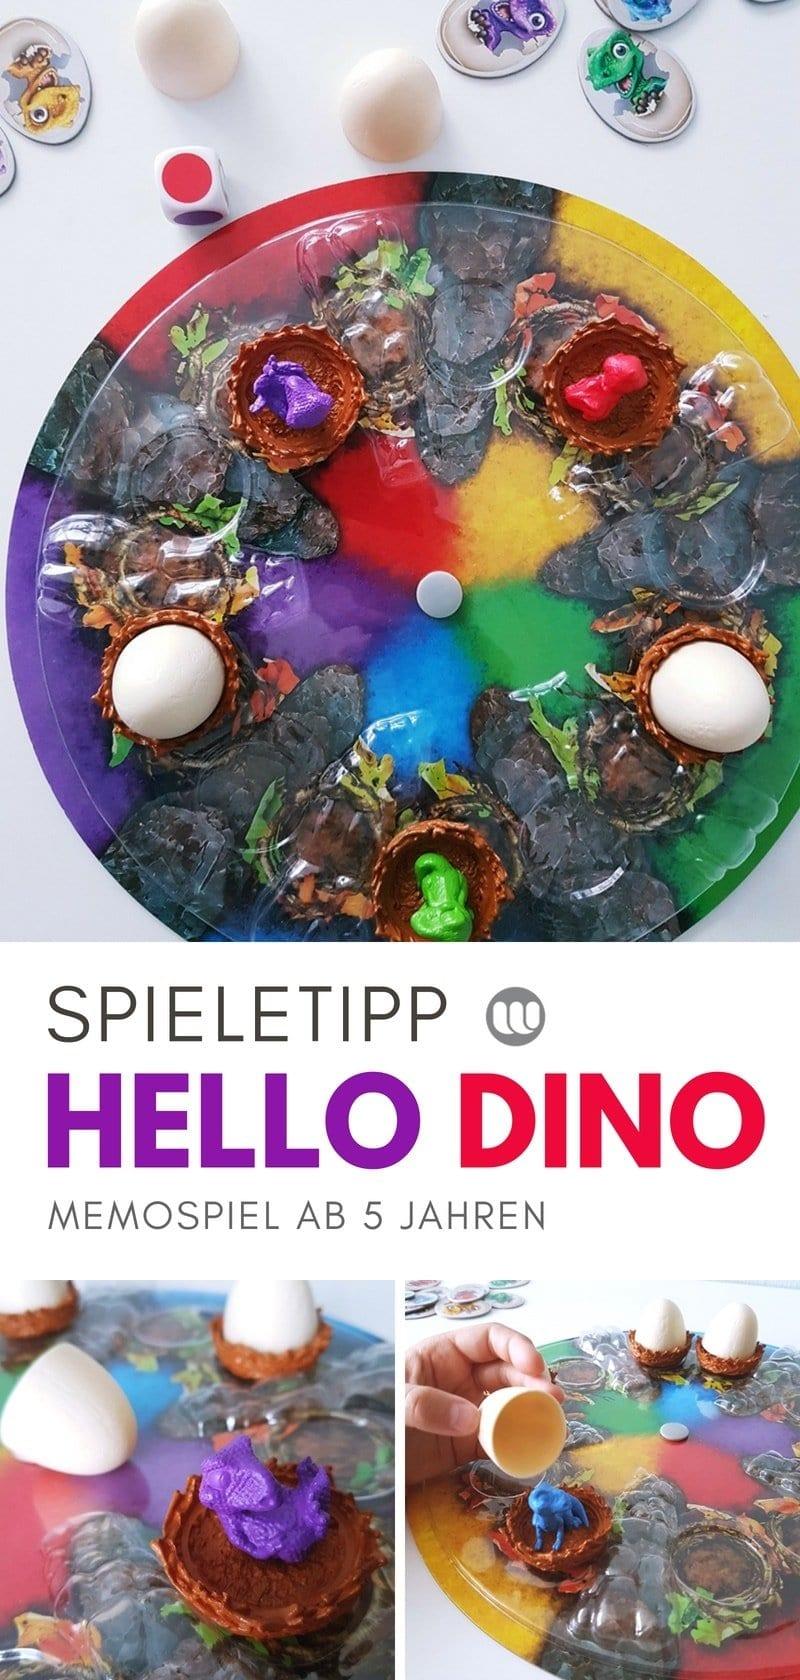 Spieletest: HELLO DINO das saurierstarke Memospiel mit 3D Spielbrett für Kinder